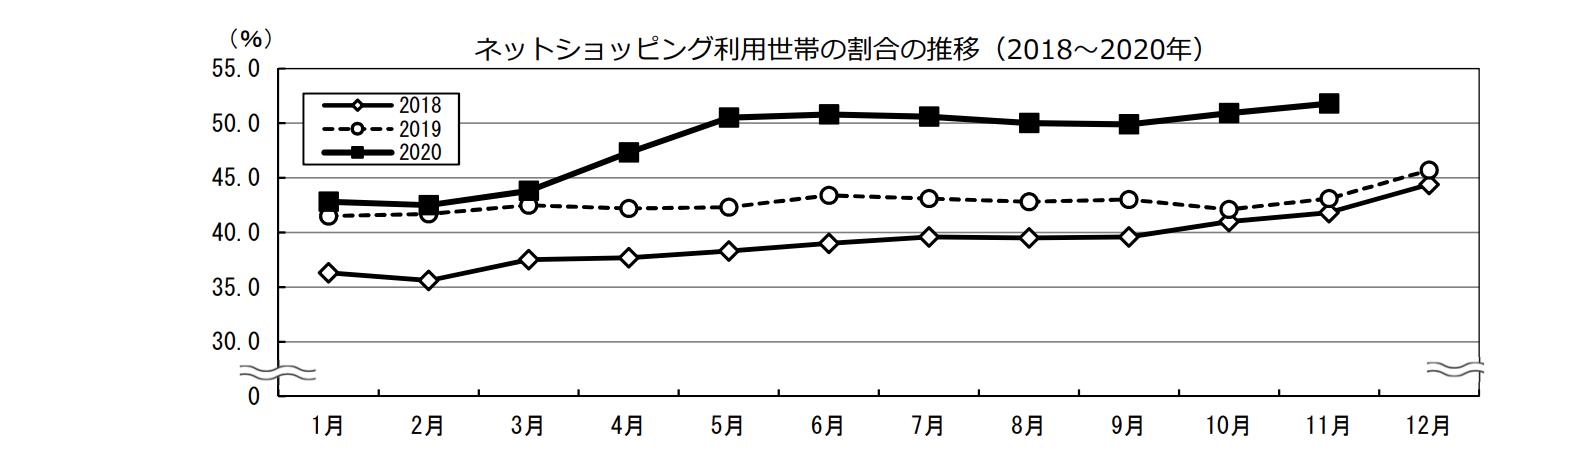 ネットショッピング利用世帯の割合の推移(2018~2020年)のグラフ